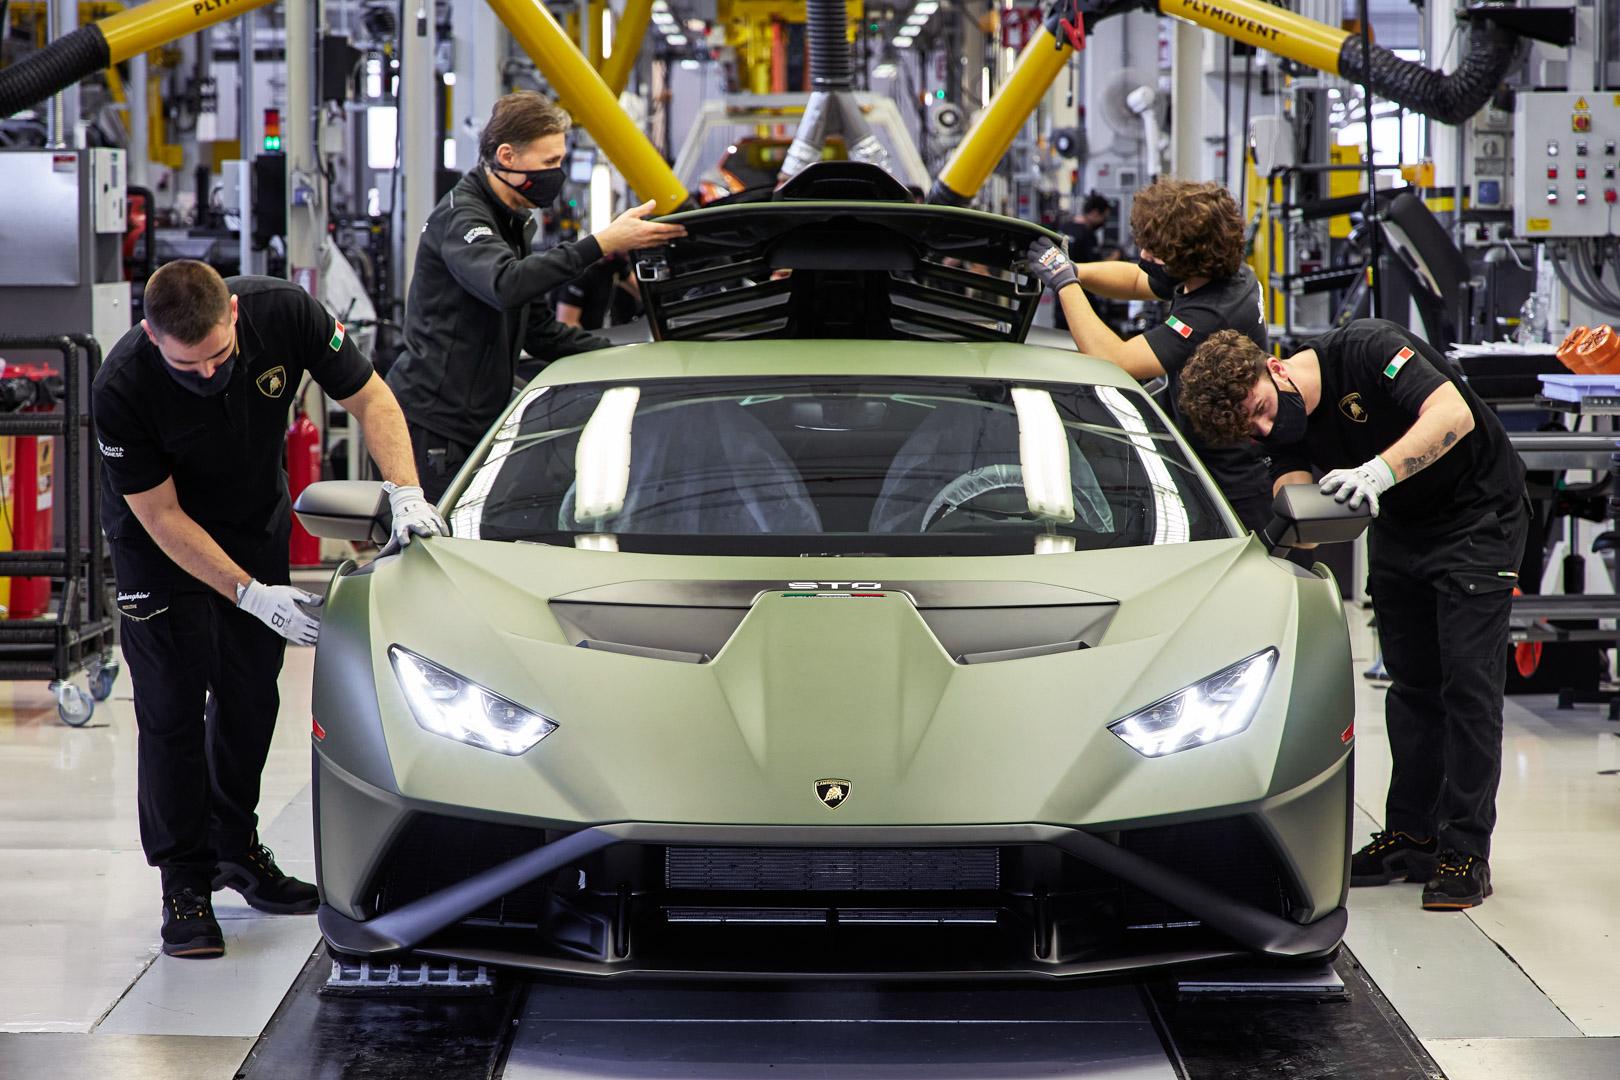 Lamborghini-Huracan-STO-Focu5on-6.jpg